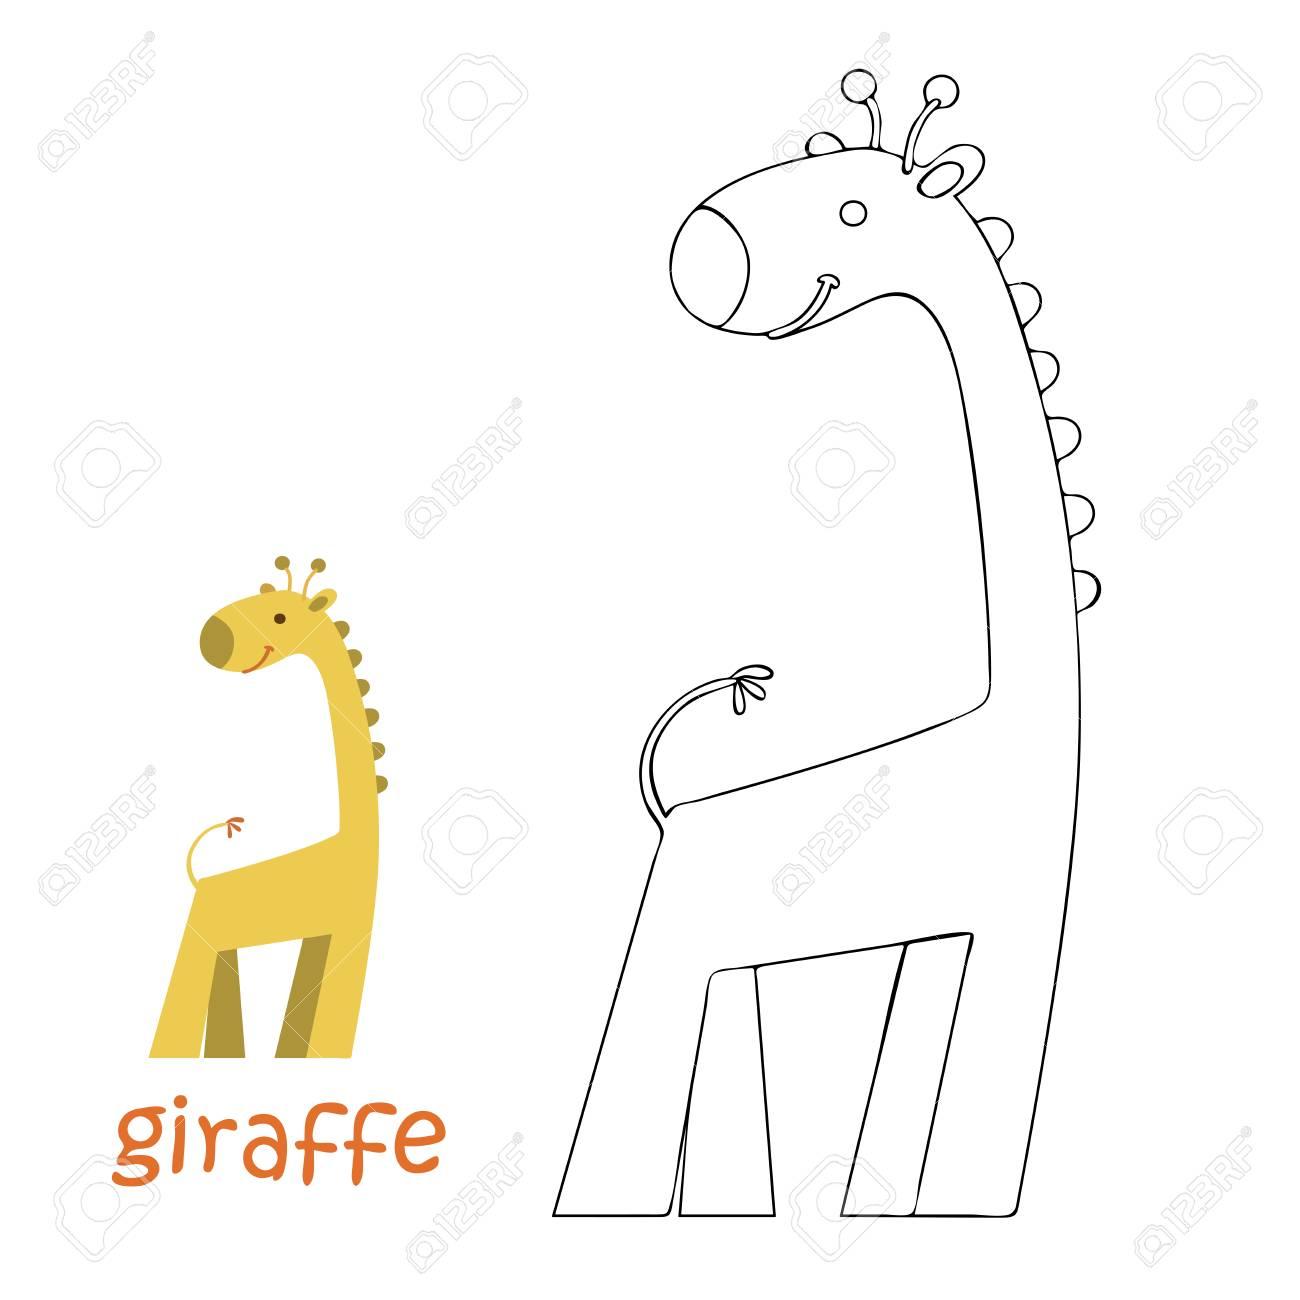 Großartig Giraffe Malbuch Fotos - Druckbare Malvorlagen - amaichi.info